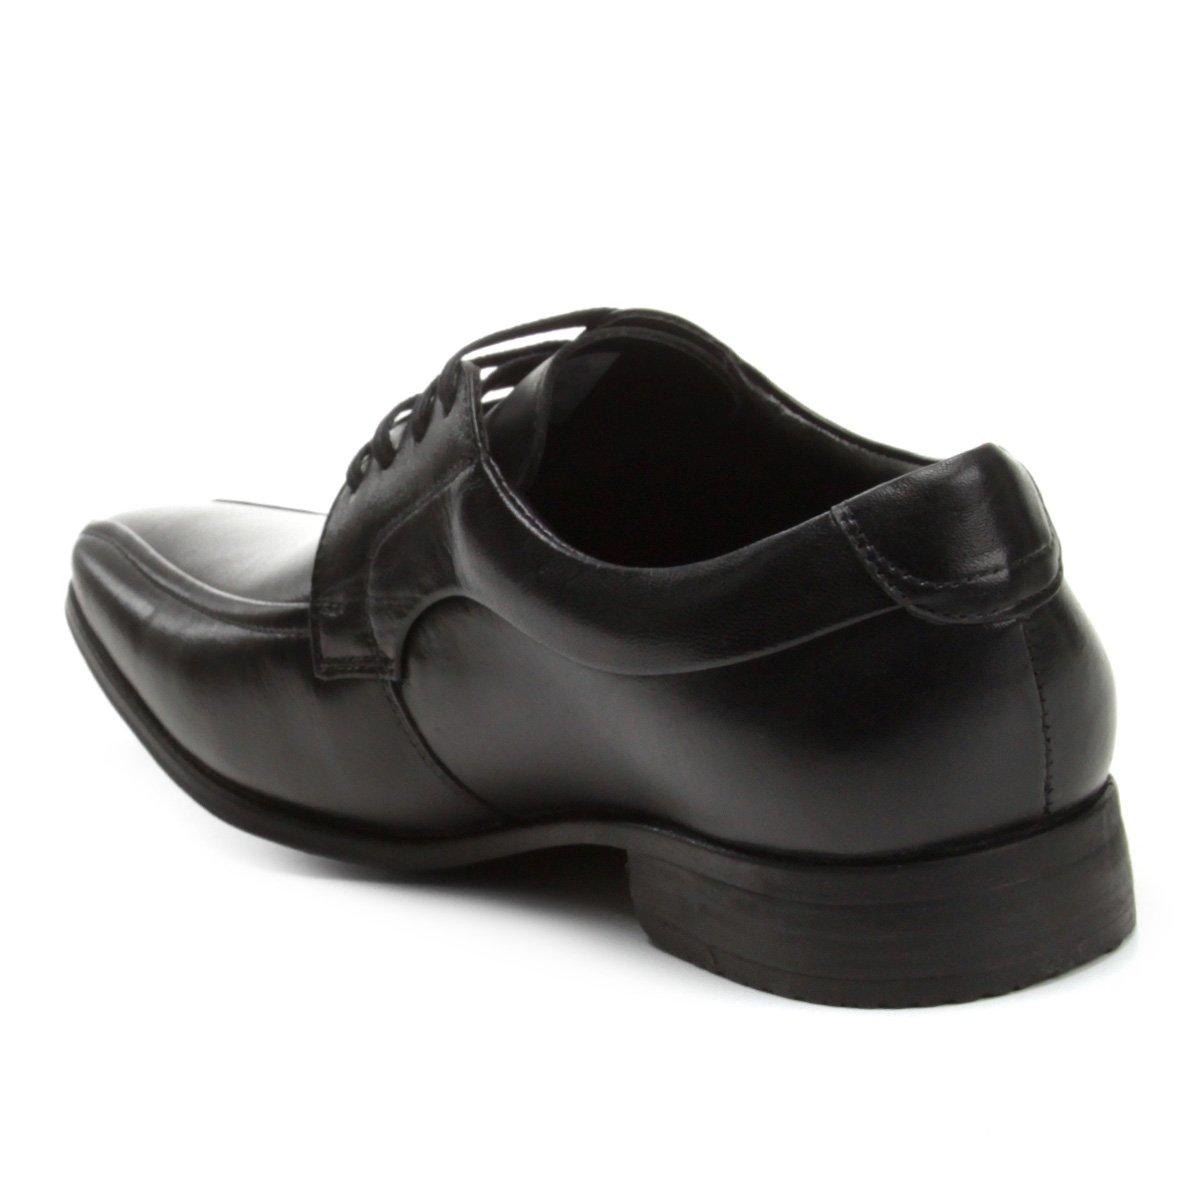 Sapato Preto Sapato Social Masculino Spencer Social Pipper Couro UdwPq1